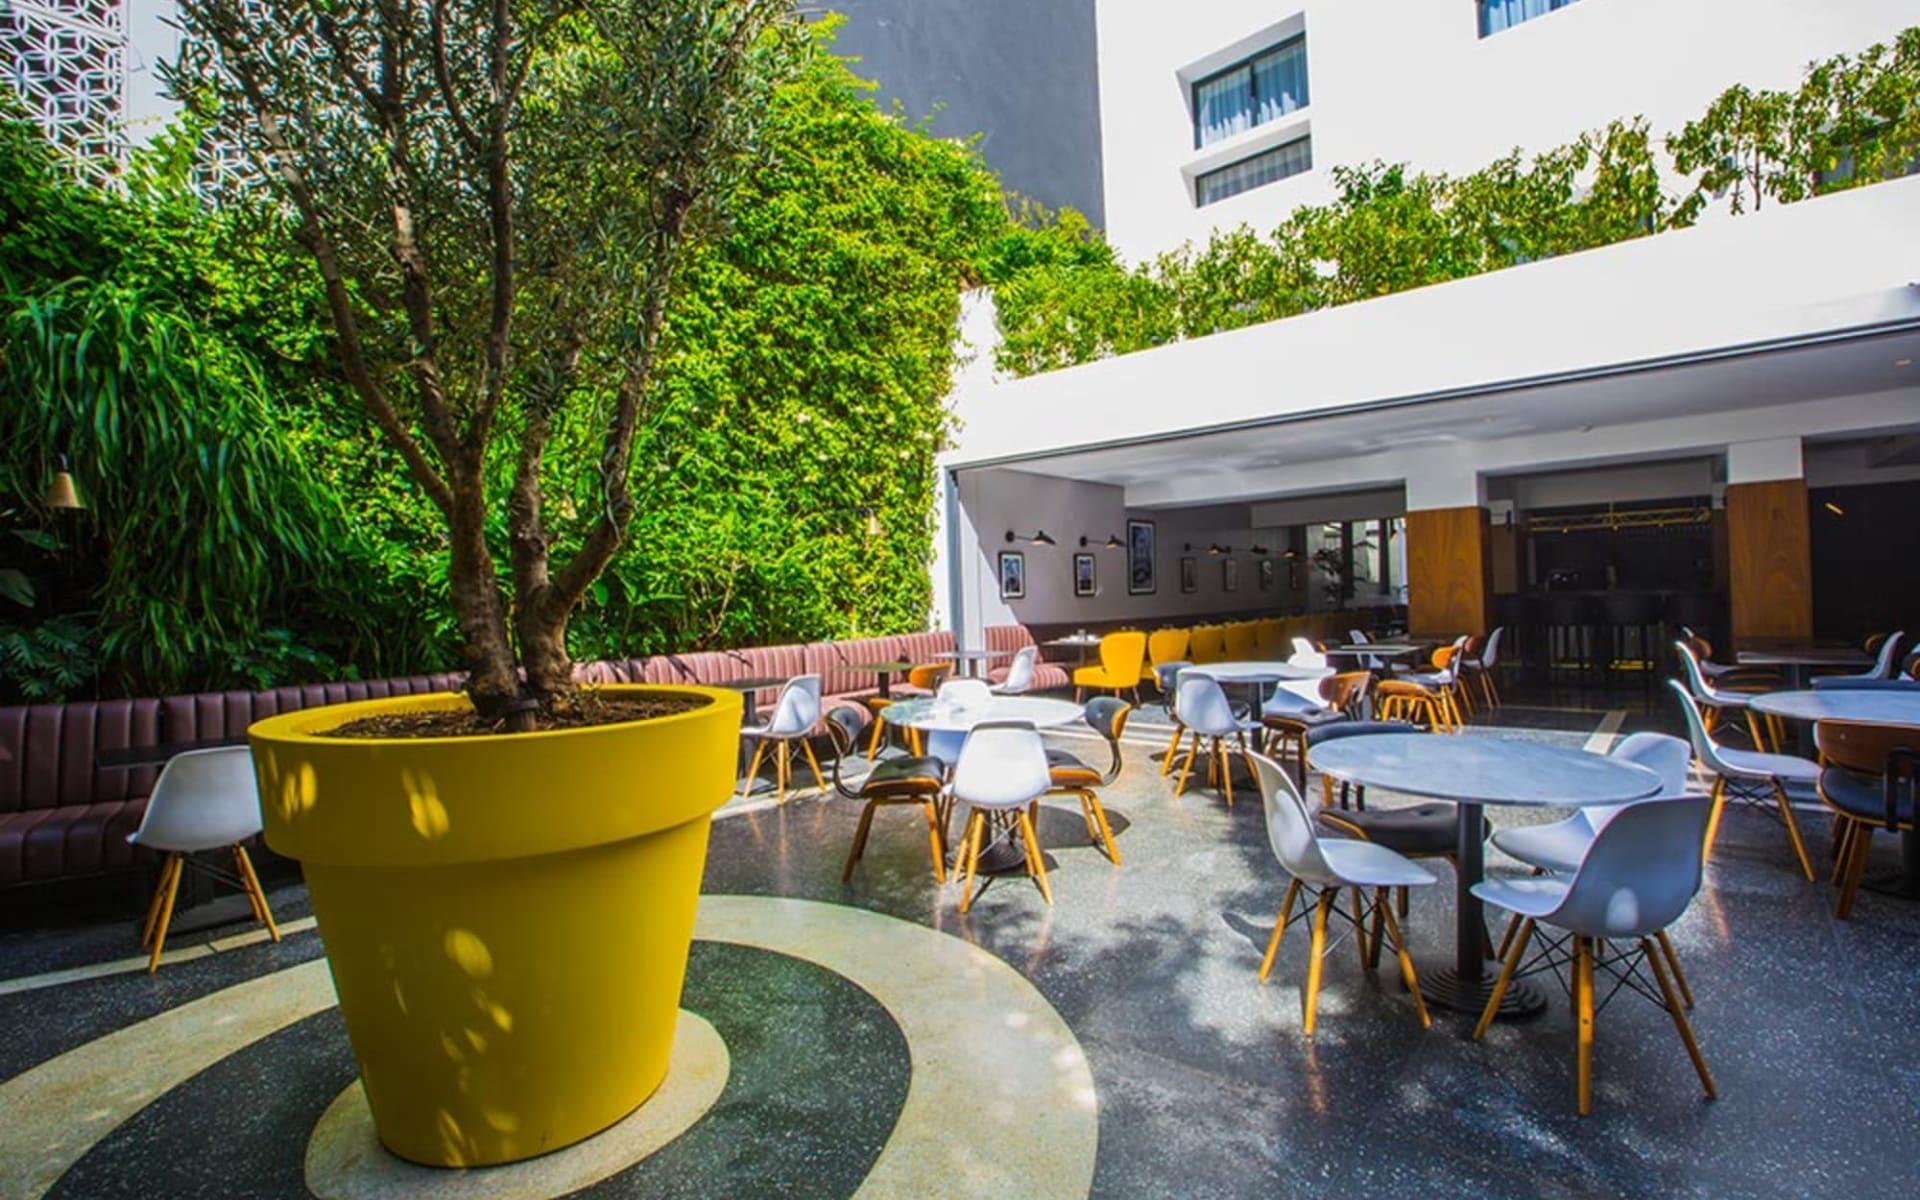 Hotel Gauthier in Casablanca:  Restaurant